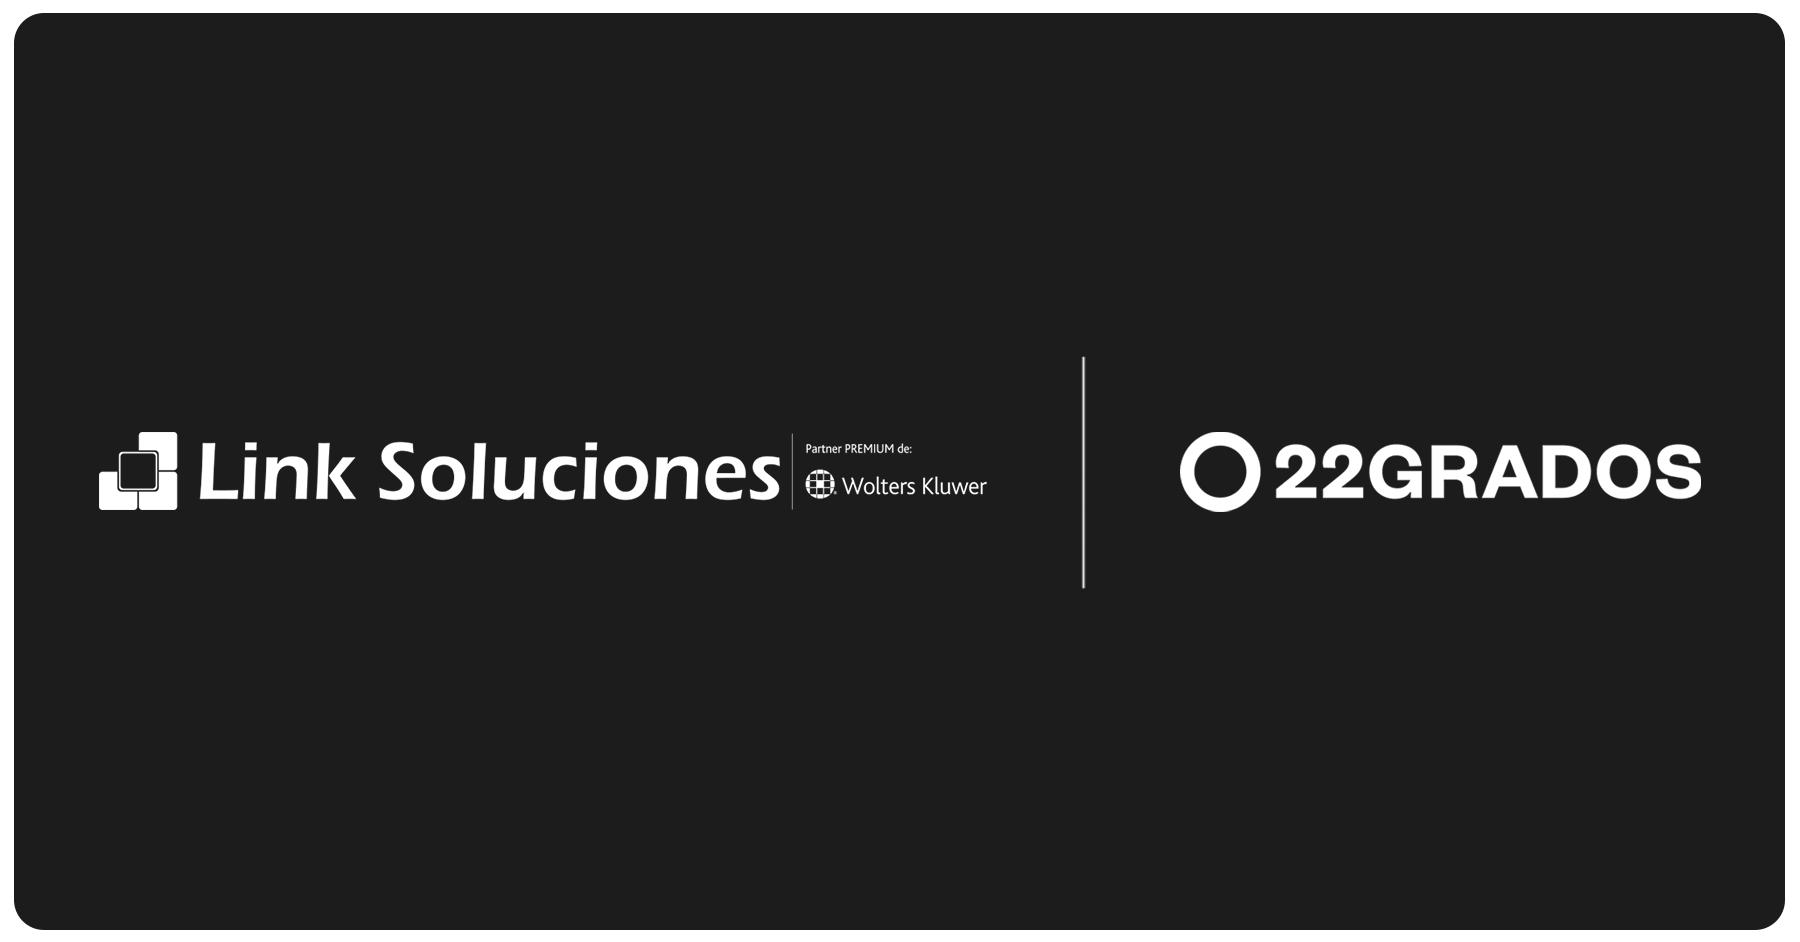 Link Soluciones y 22GRADOS refuerzan la apuesta por el comercio electrónico en las empresas.